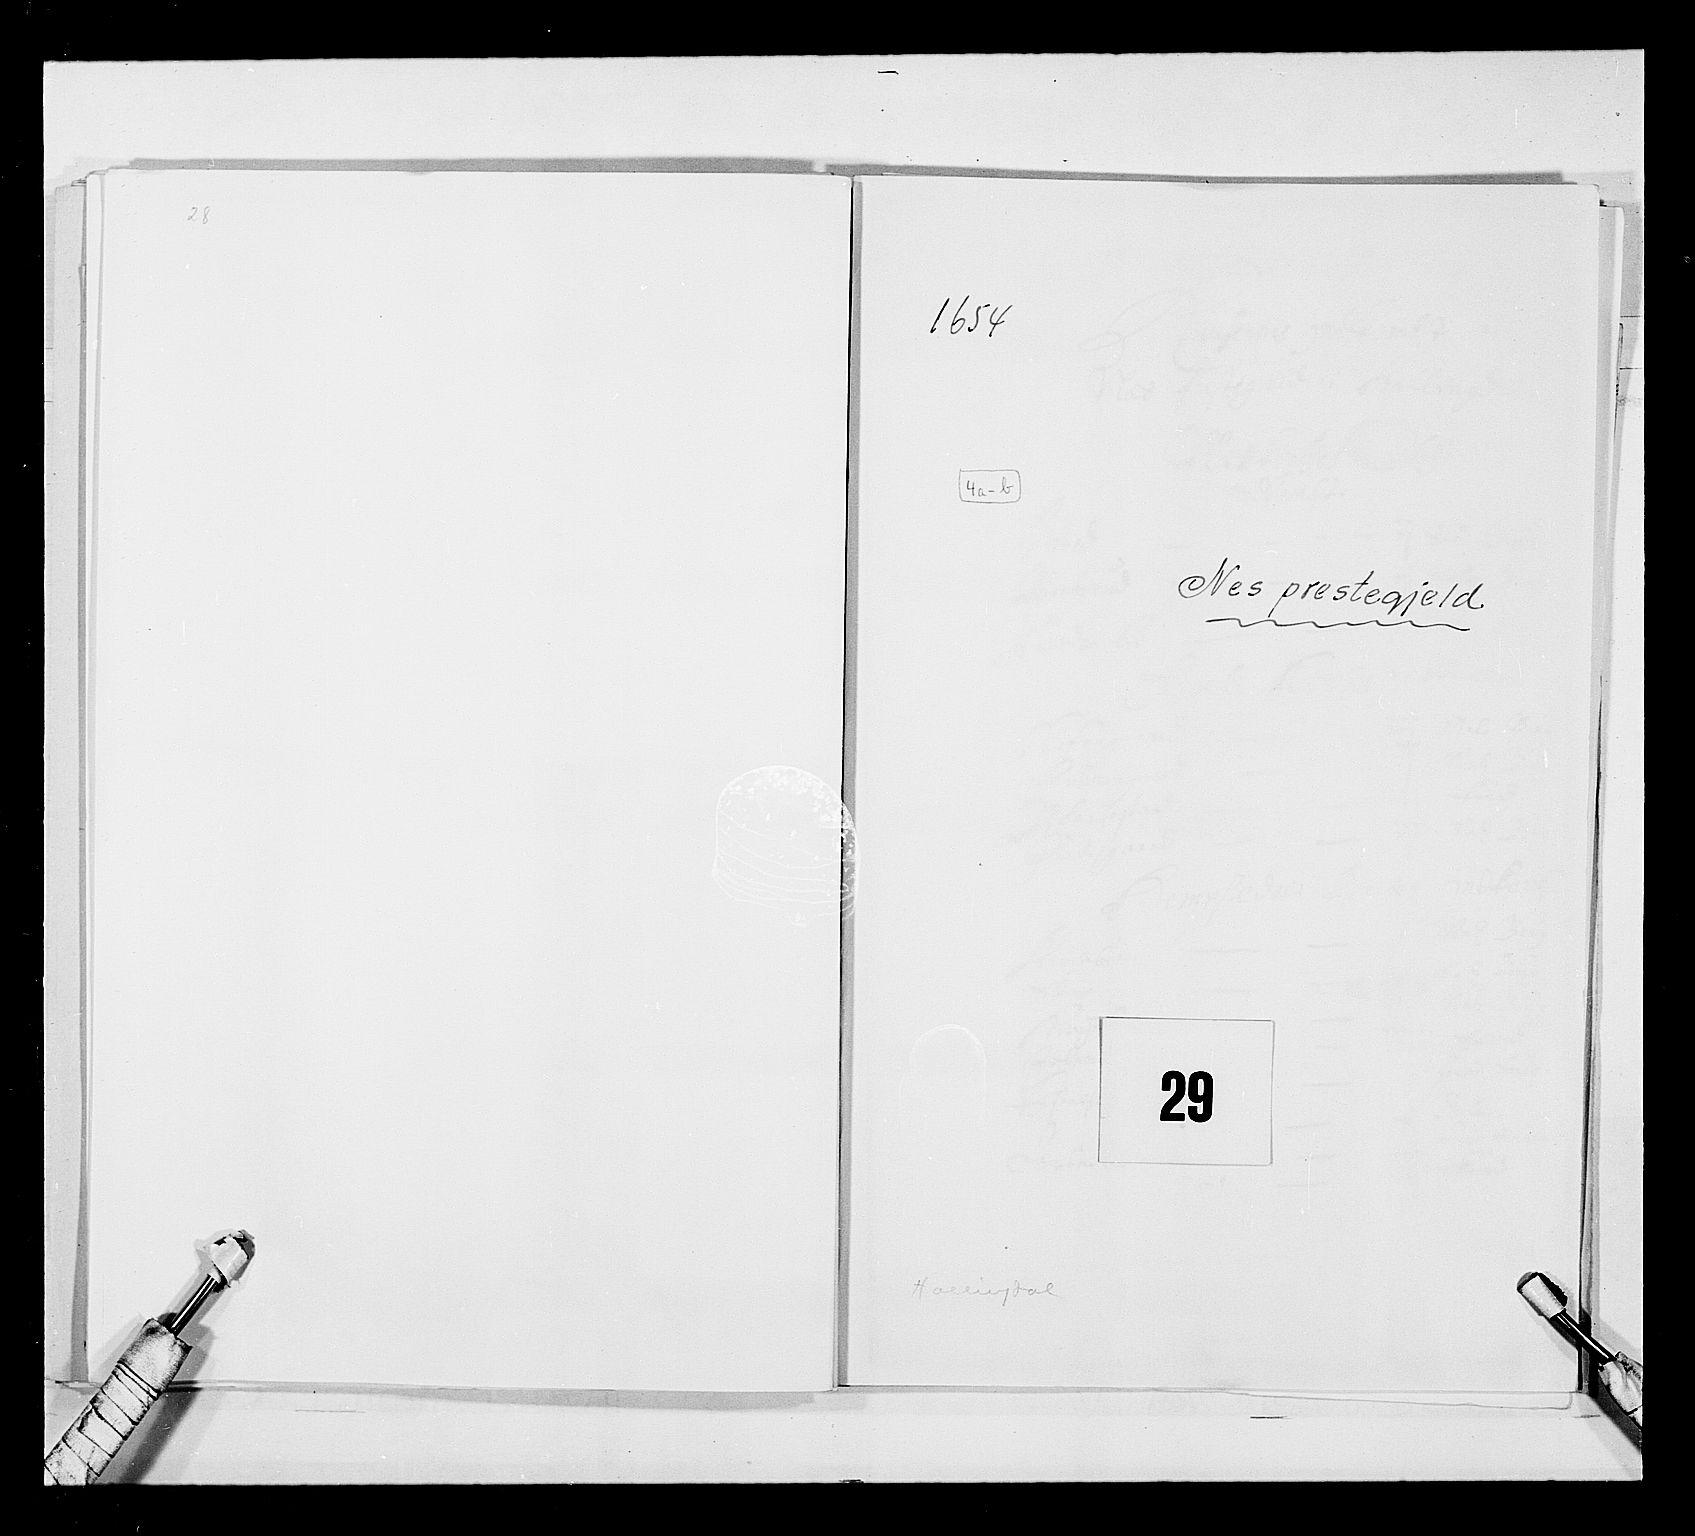 RA, Stattholderembetet 1572-1771, Ek/L0030: Jordebøker 1633-1658:, 1654, s. 122